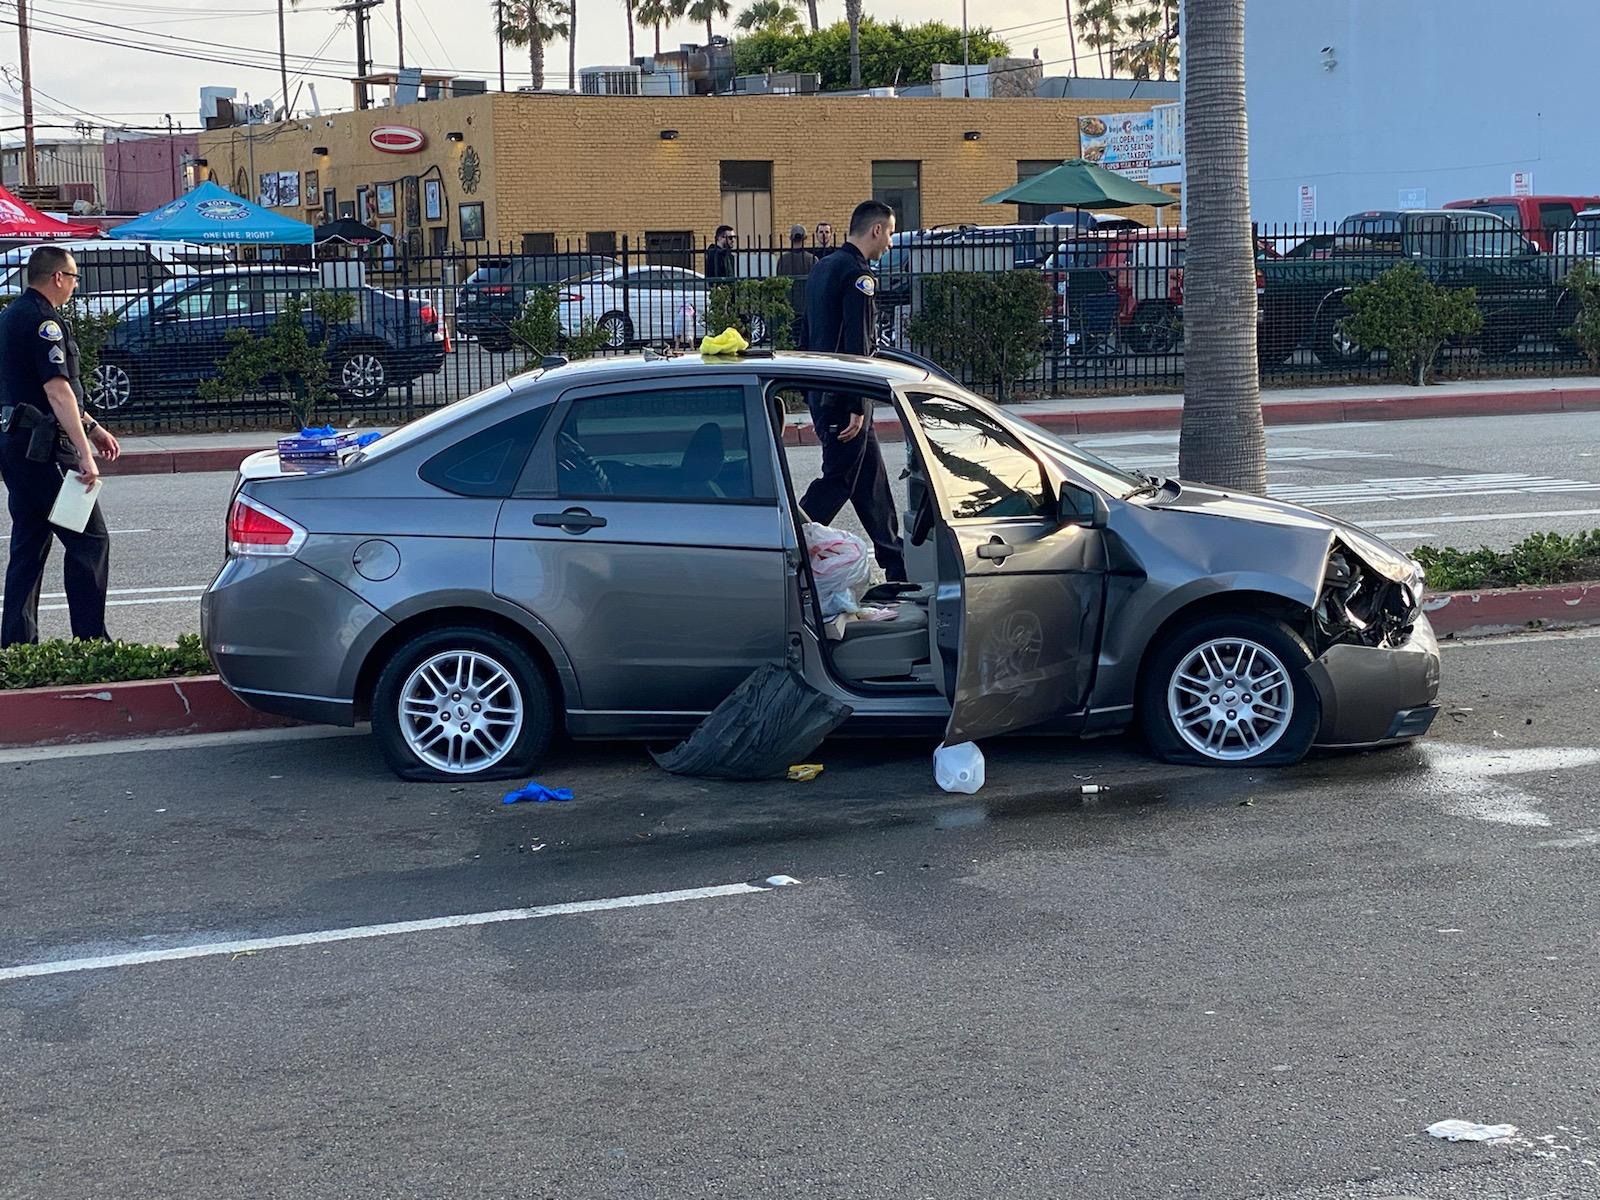 Car Chase End by Shawn Dewane